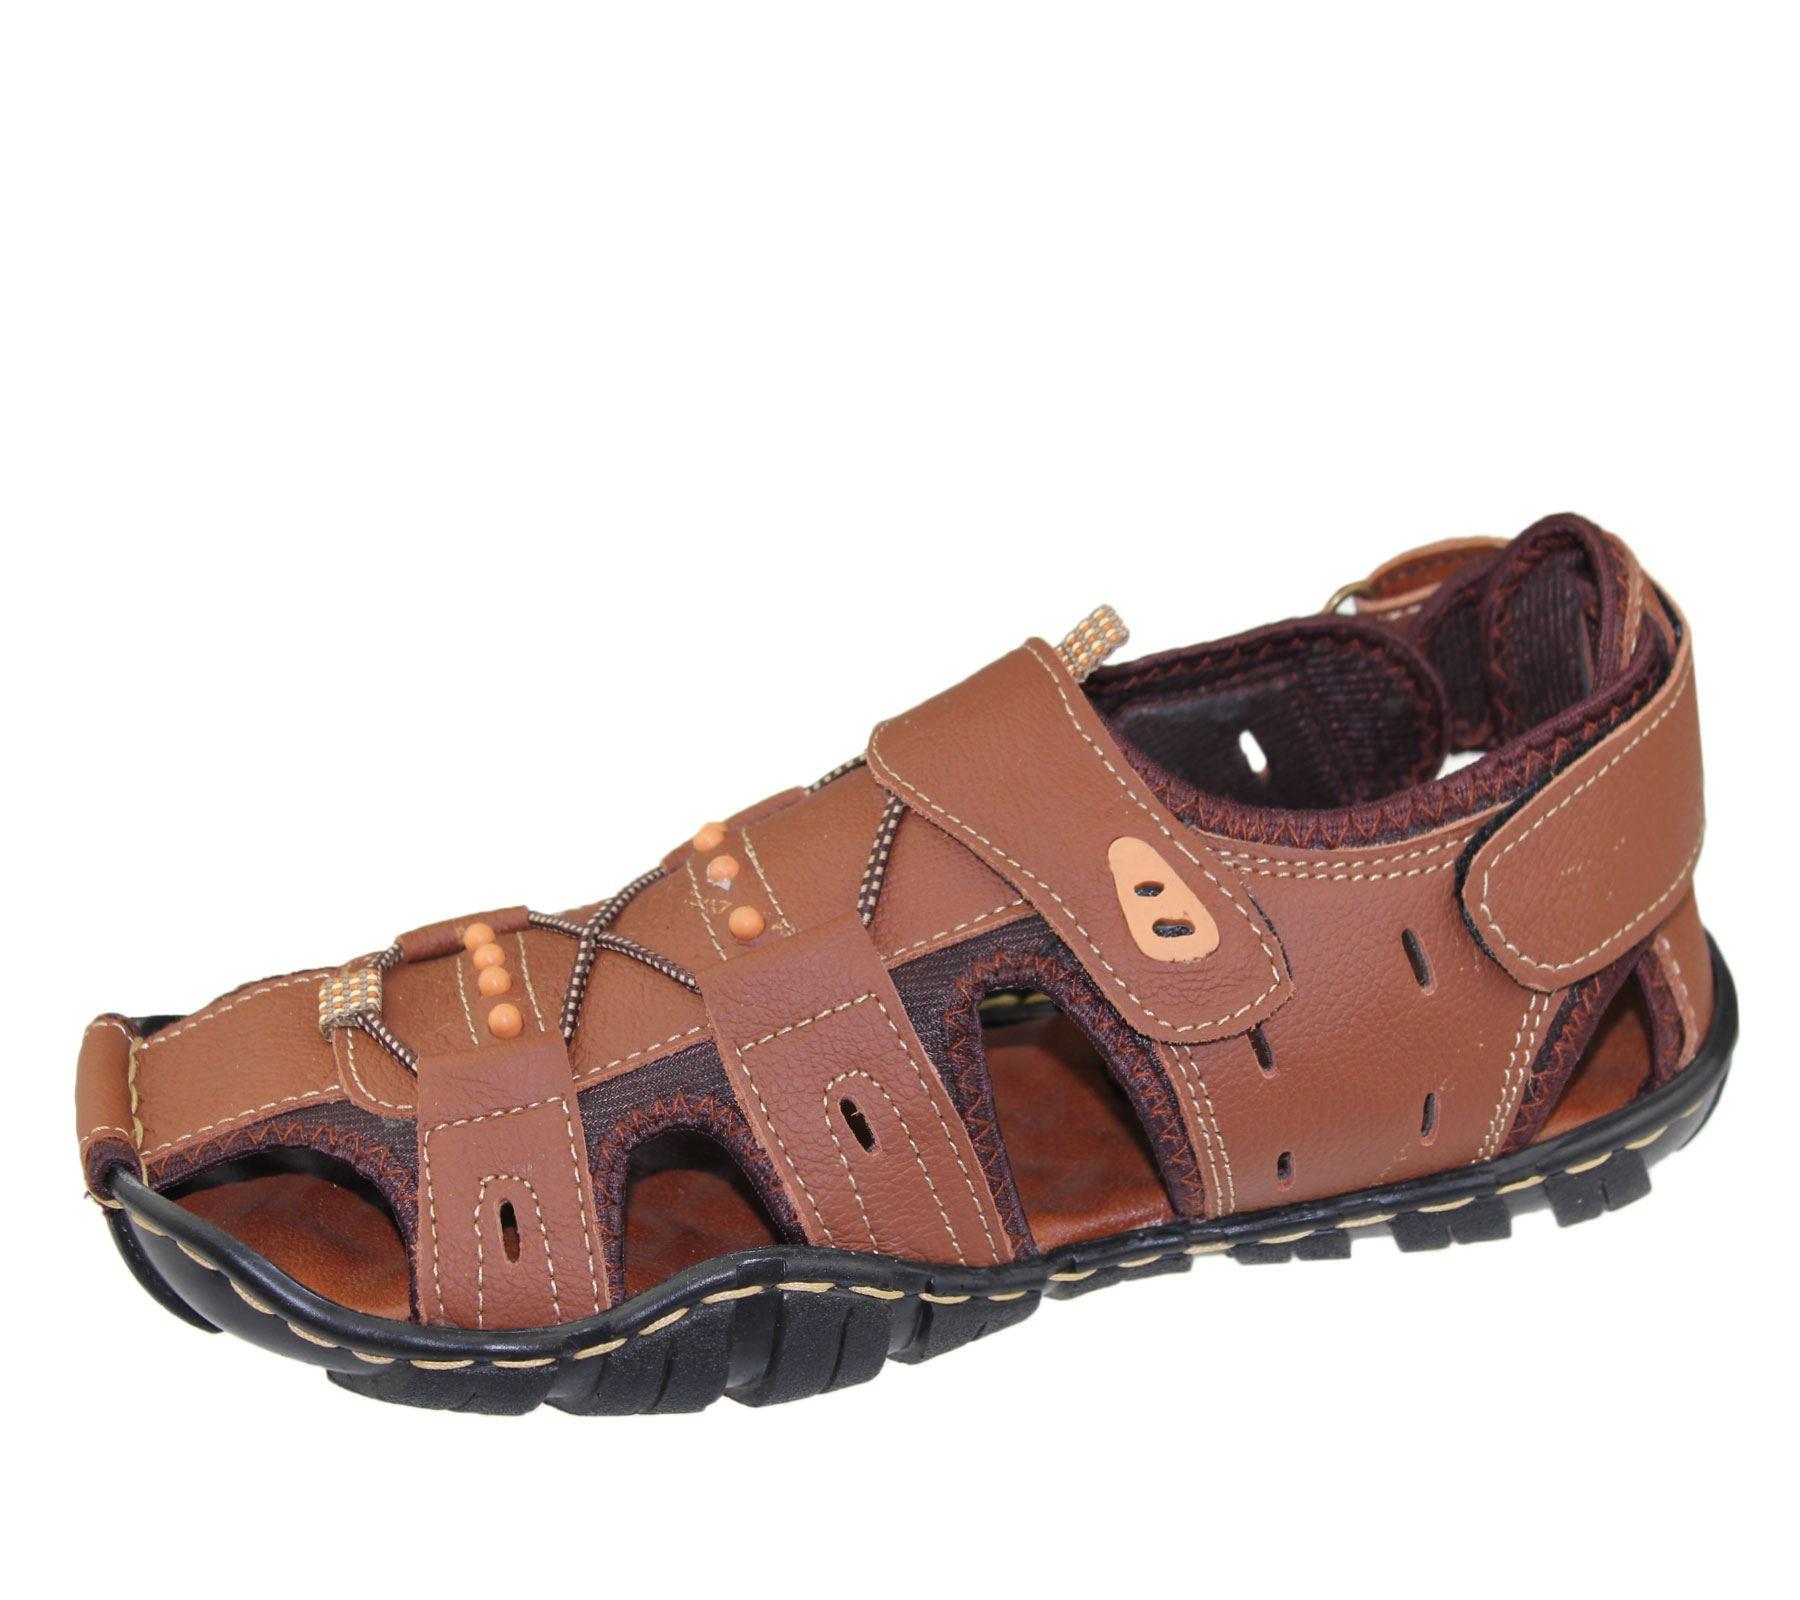 Mens-Sandal-Beach-Buckle-Walking-Fashion-Summer-Casual-Slipper miniatura 12